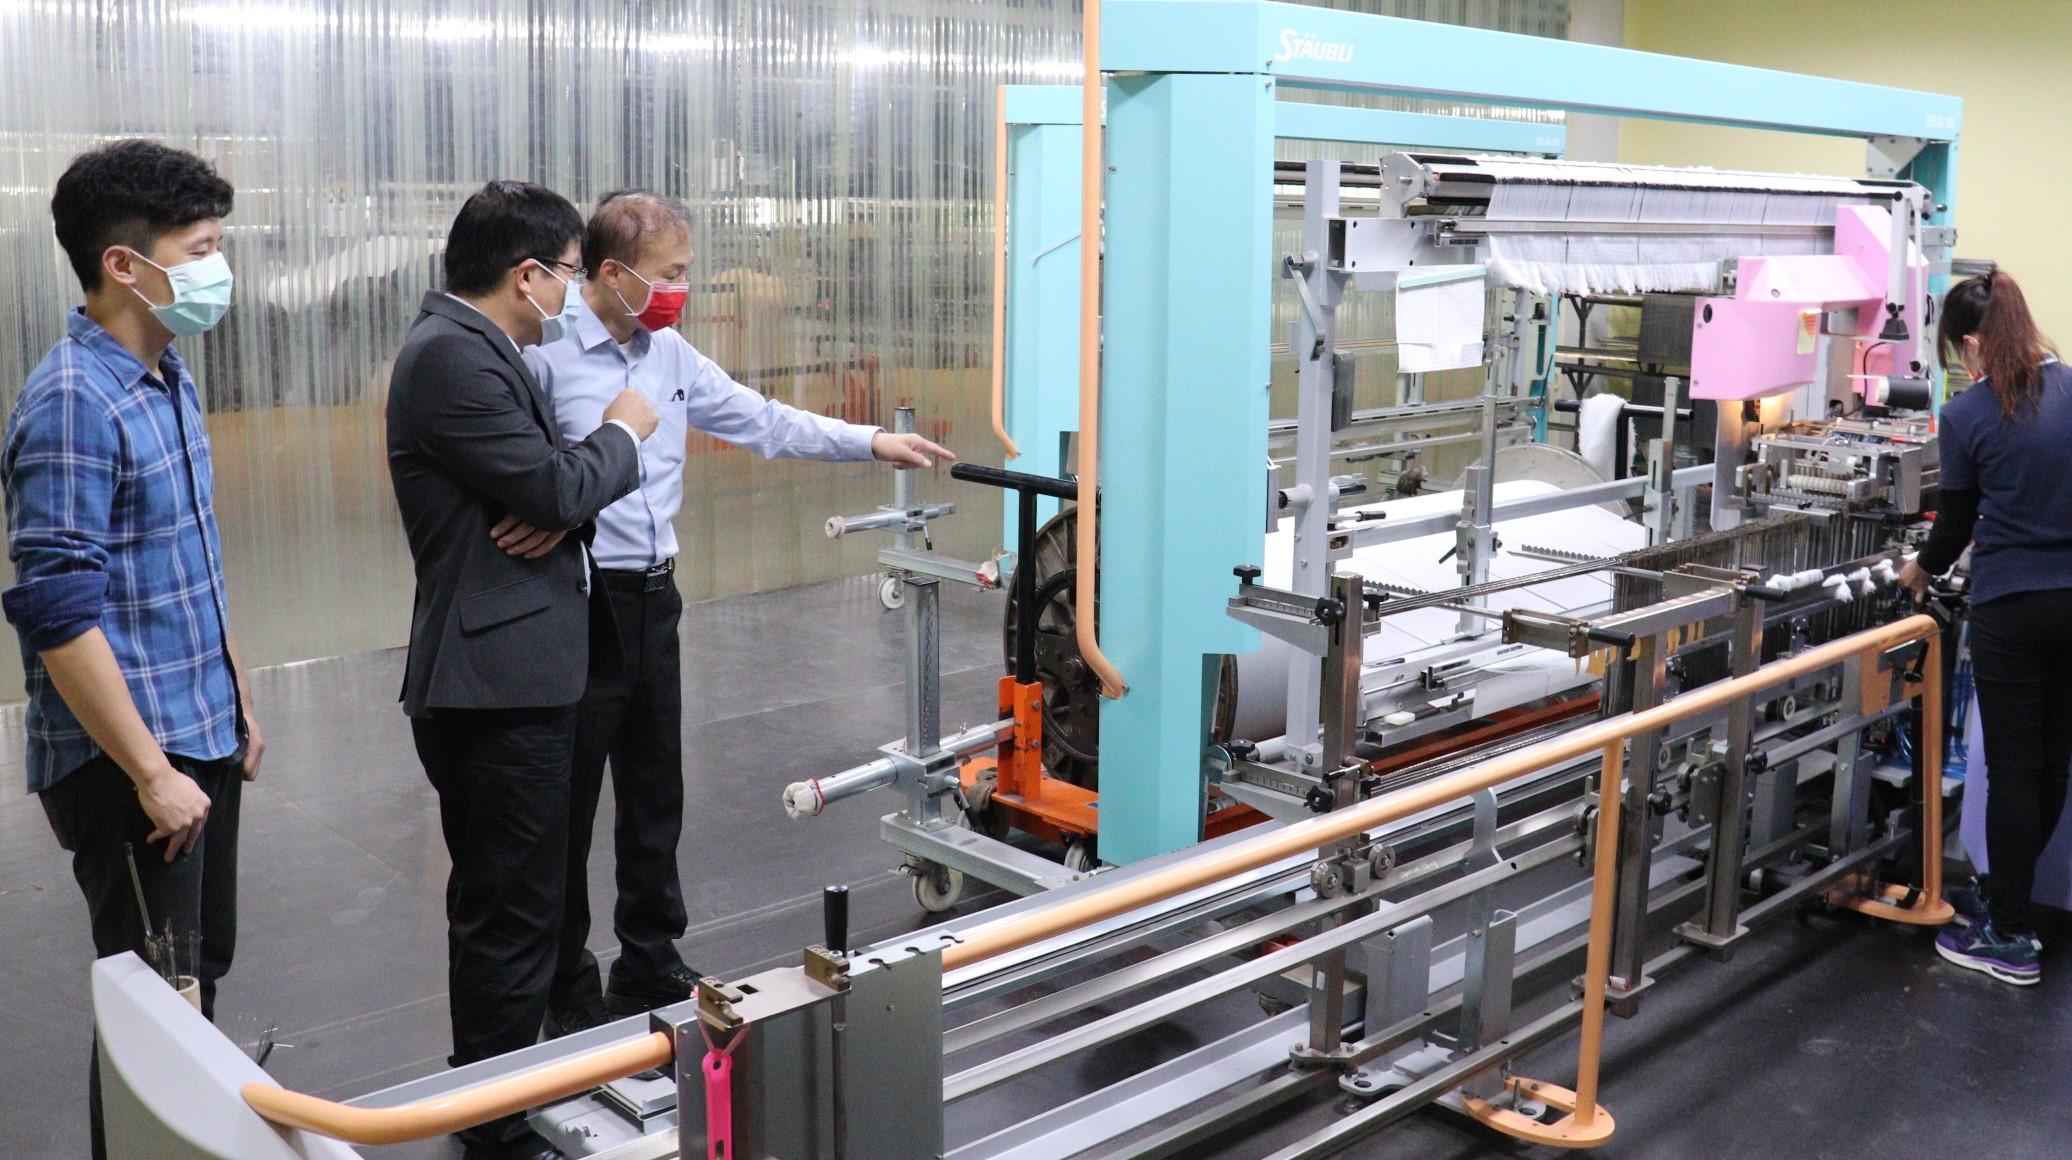 ▲東纖引進自動穿綜設備,減輕中高齡工作負擔